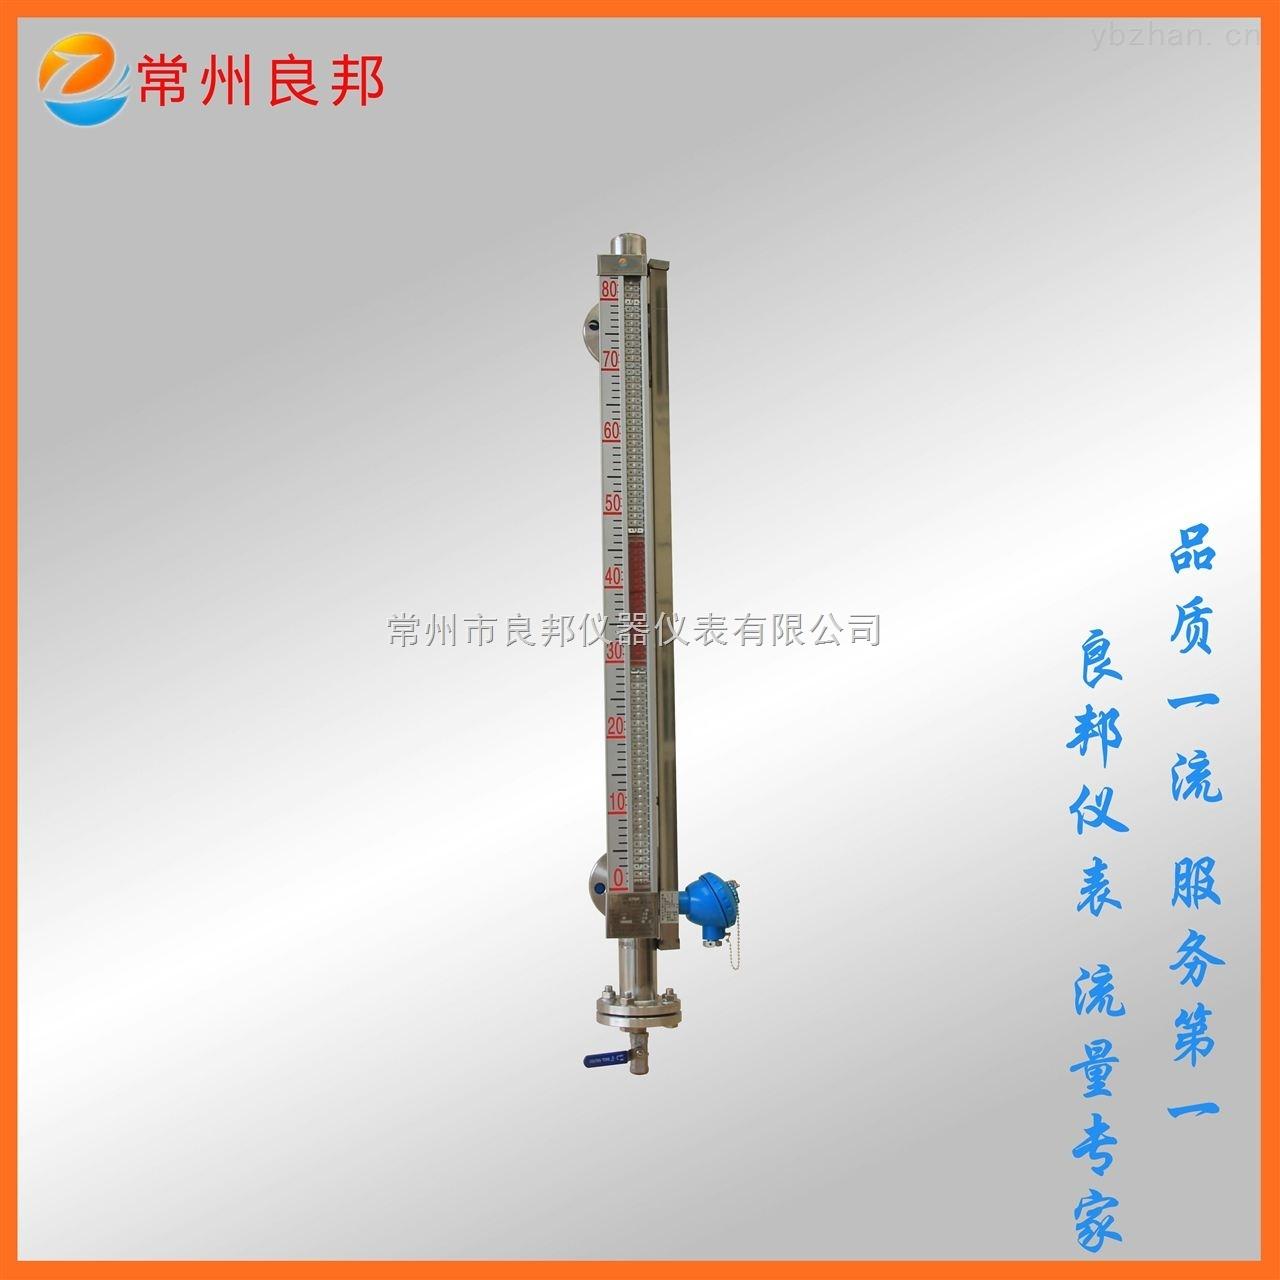 UHZ-517C-側裝式磁翻板液位計 價格實惠 廠家生產真材實料 耐腐蝕耐高溫